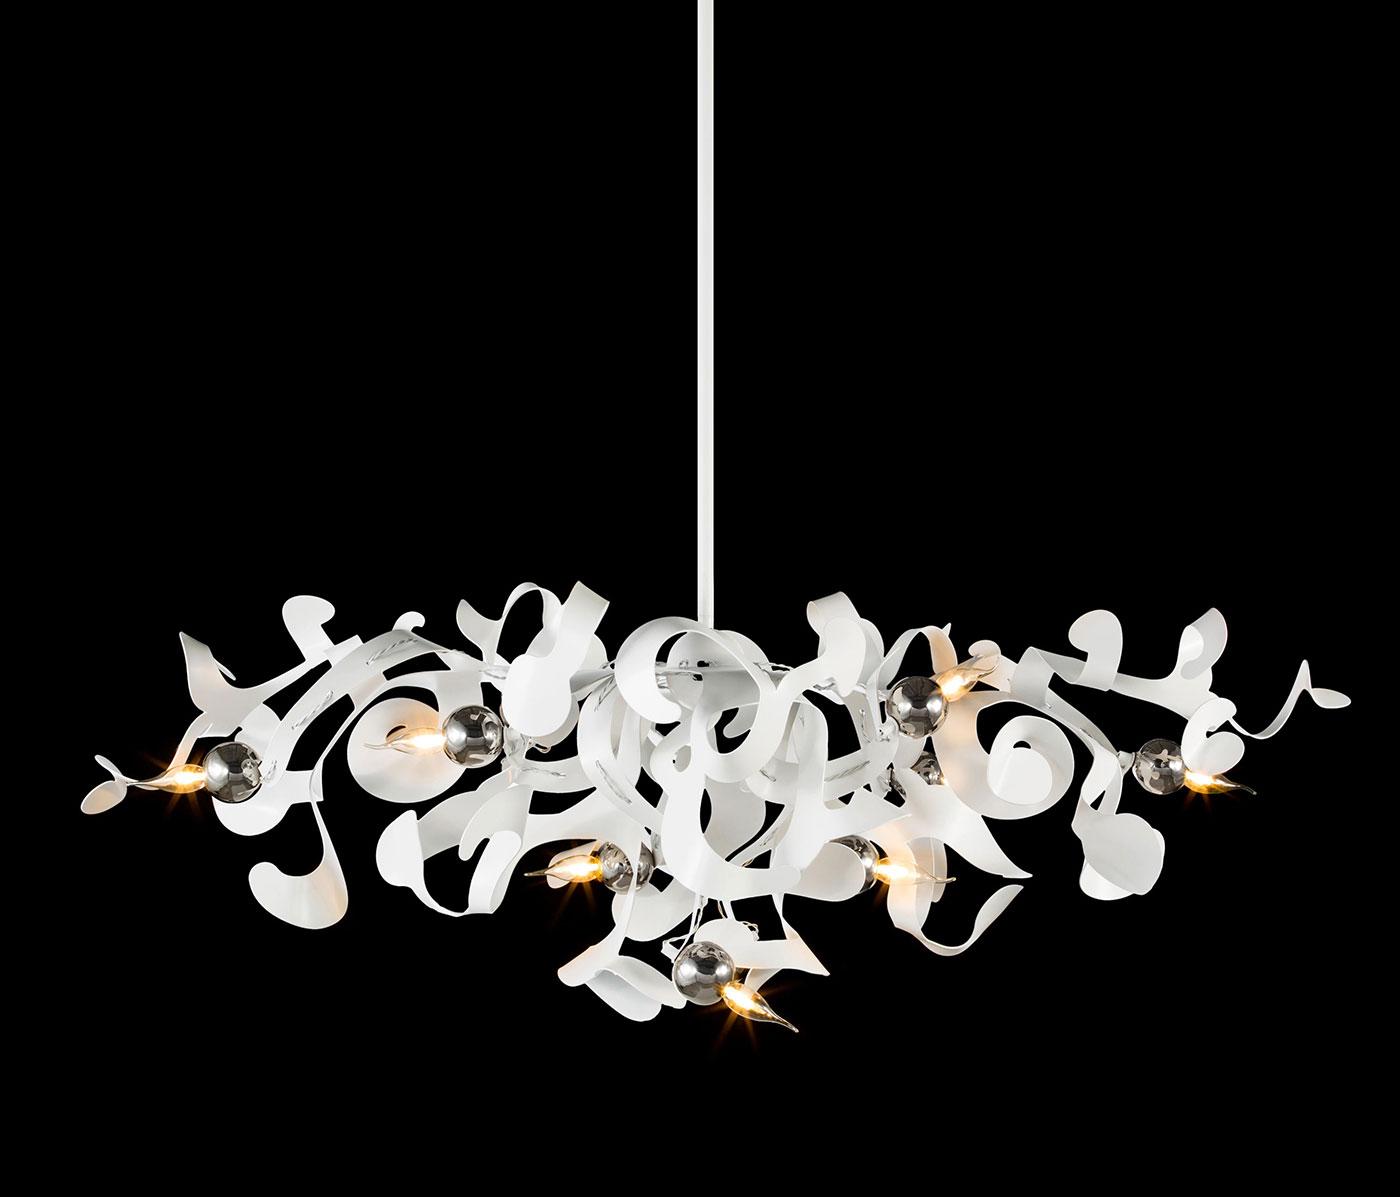 Obegi Home Lighting Brand Van Egmond kelp oval chandelier